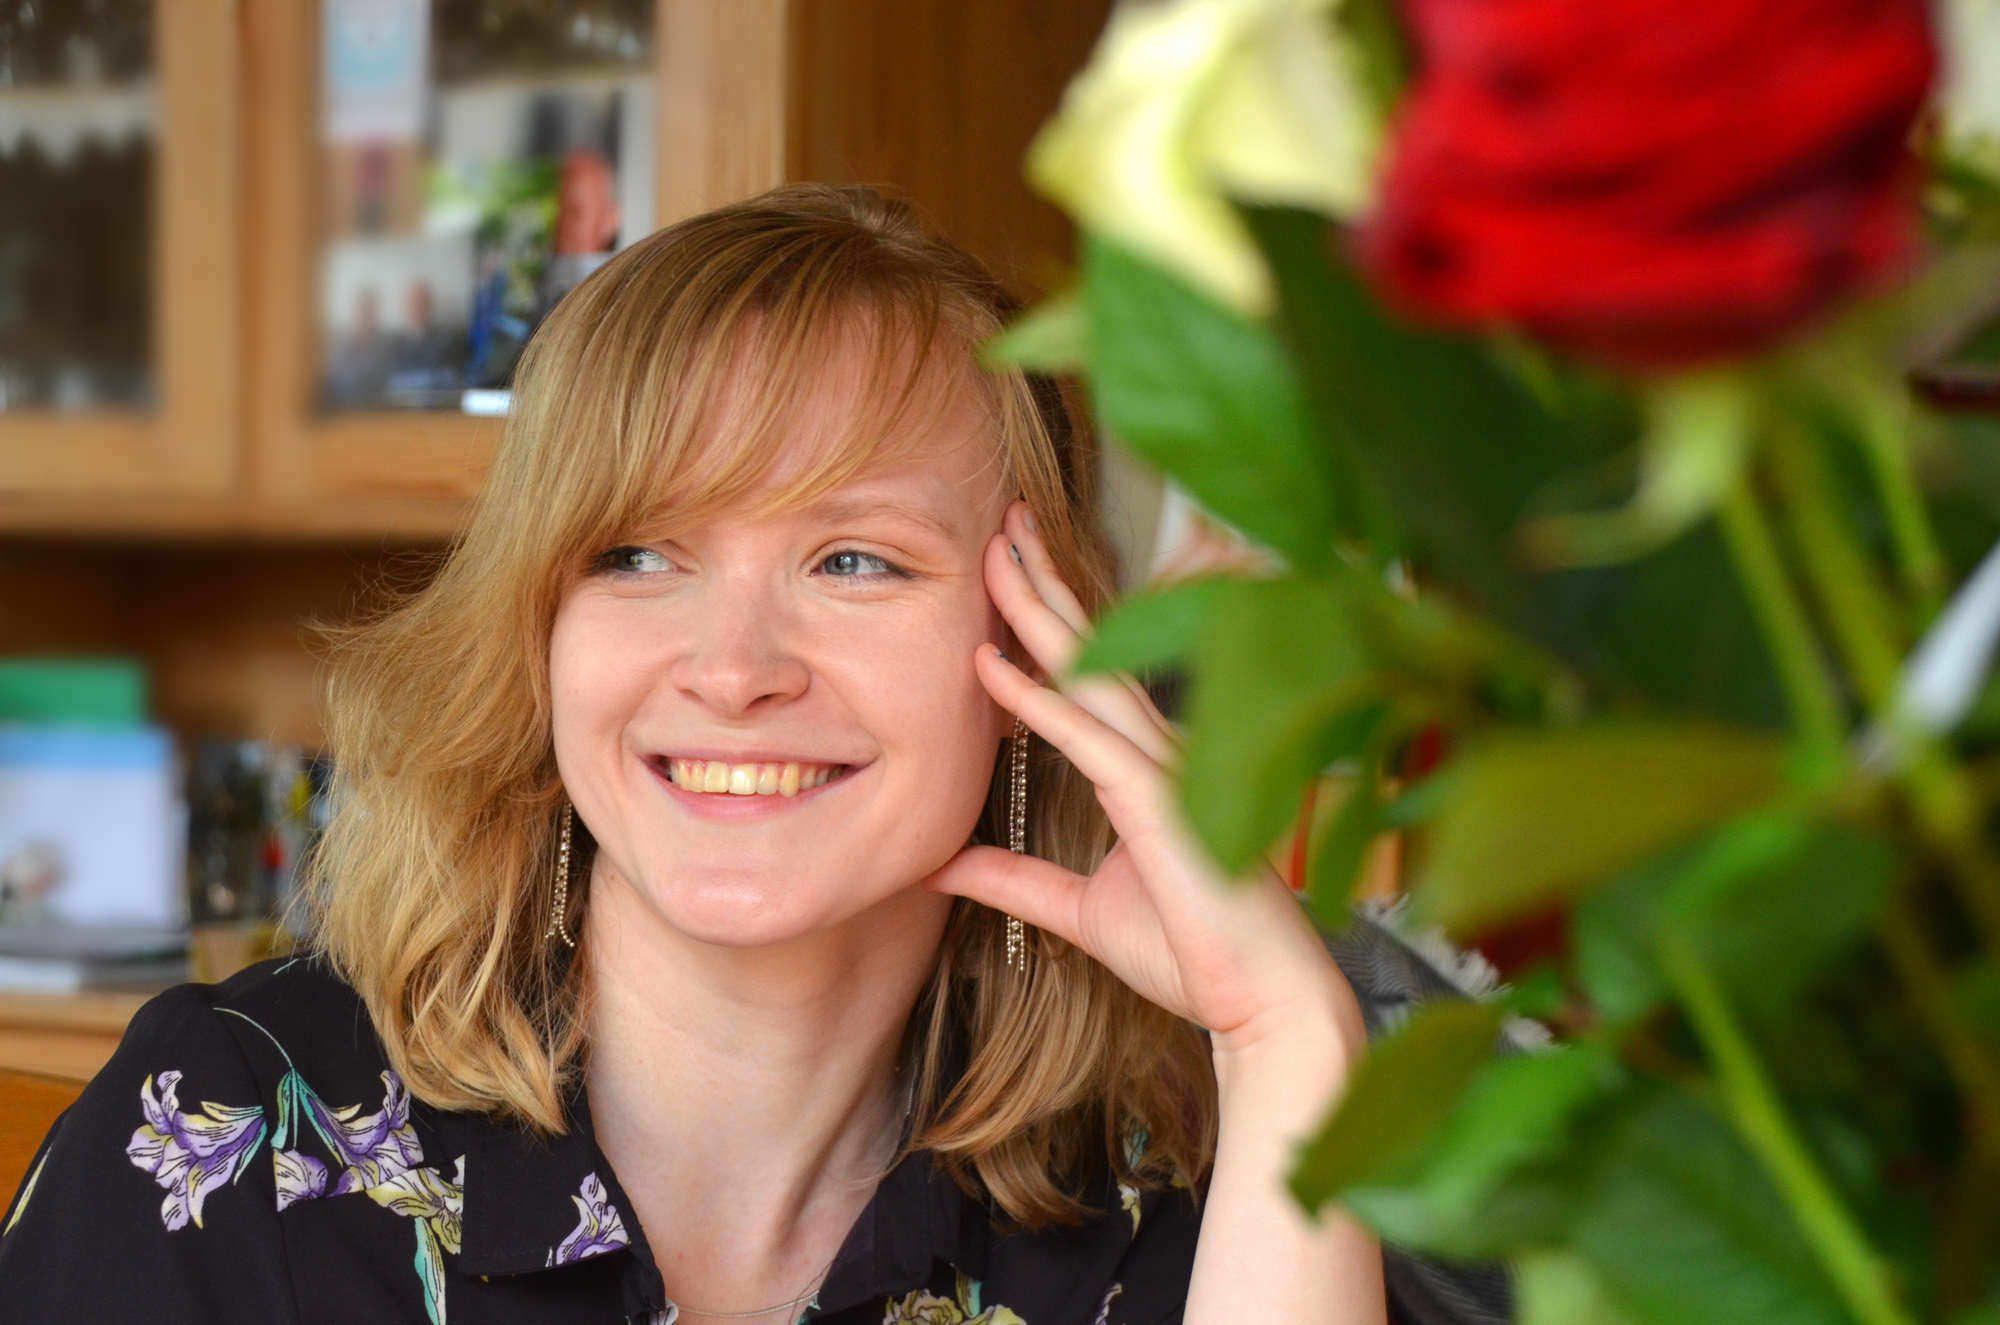 MS & Mis(s) verkiezing 2017: Janneke Knol